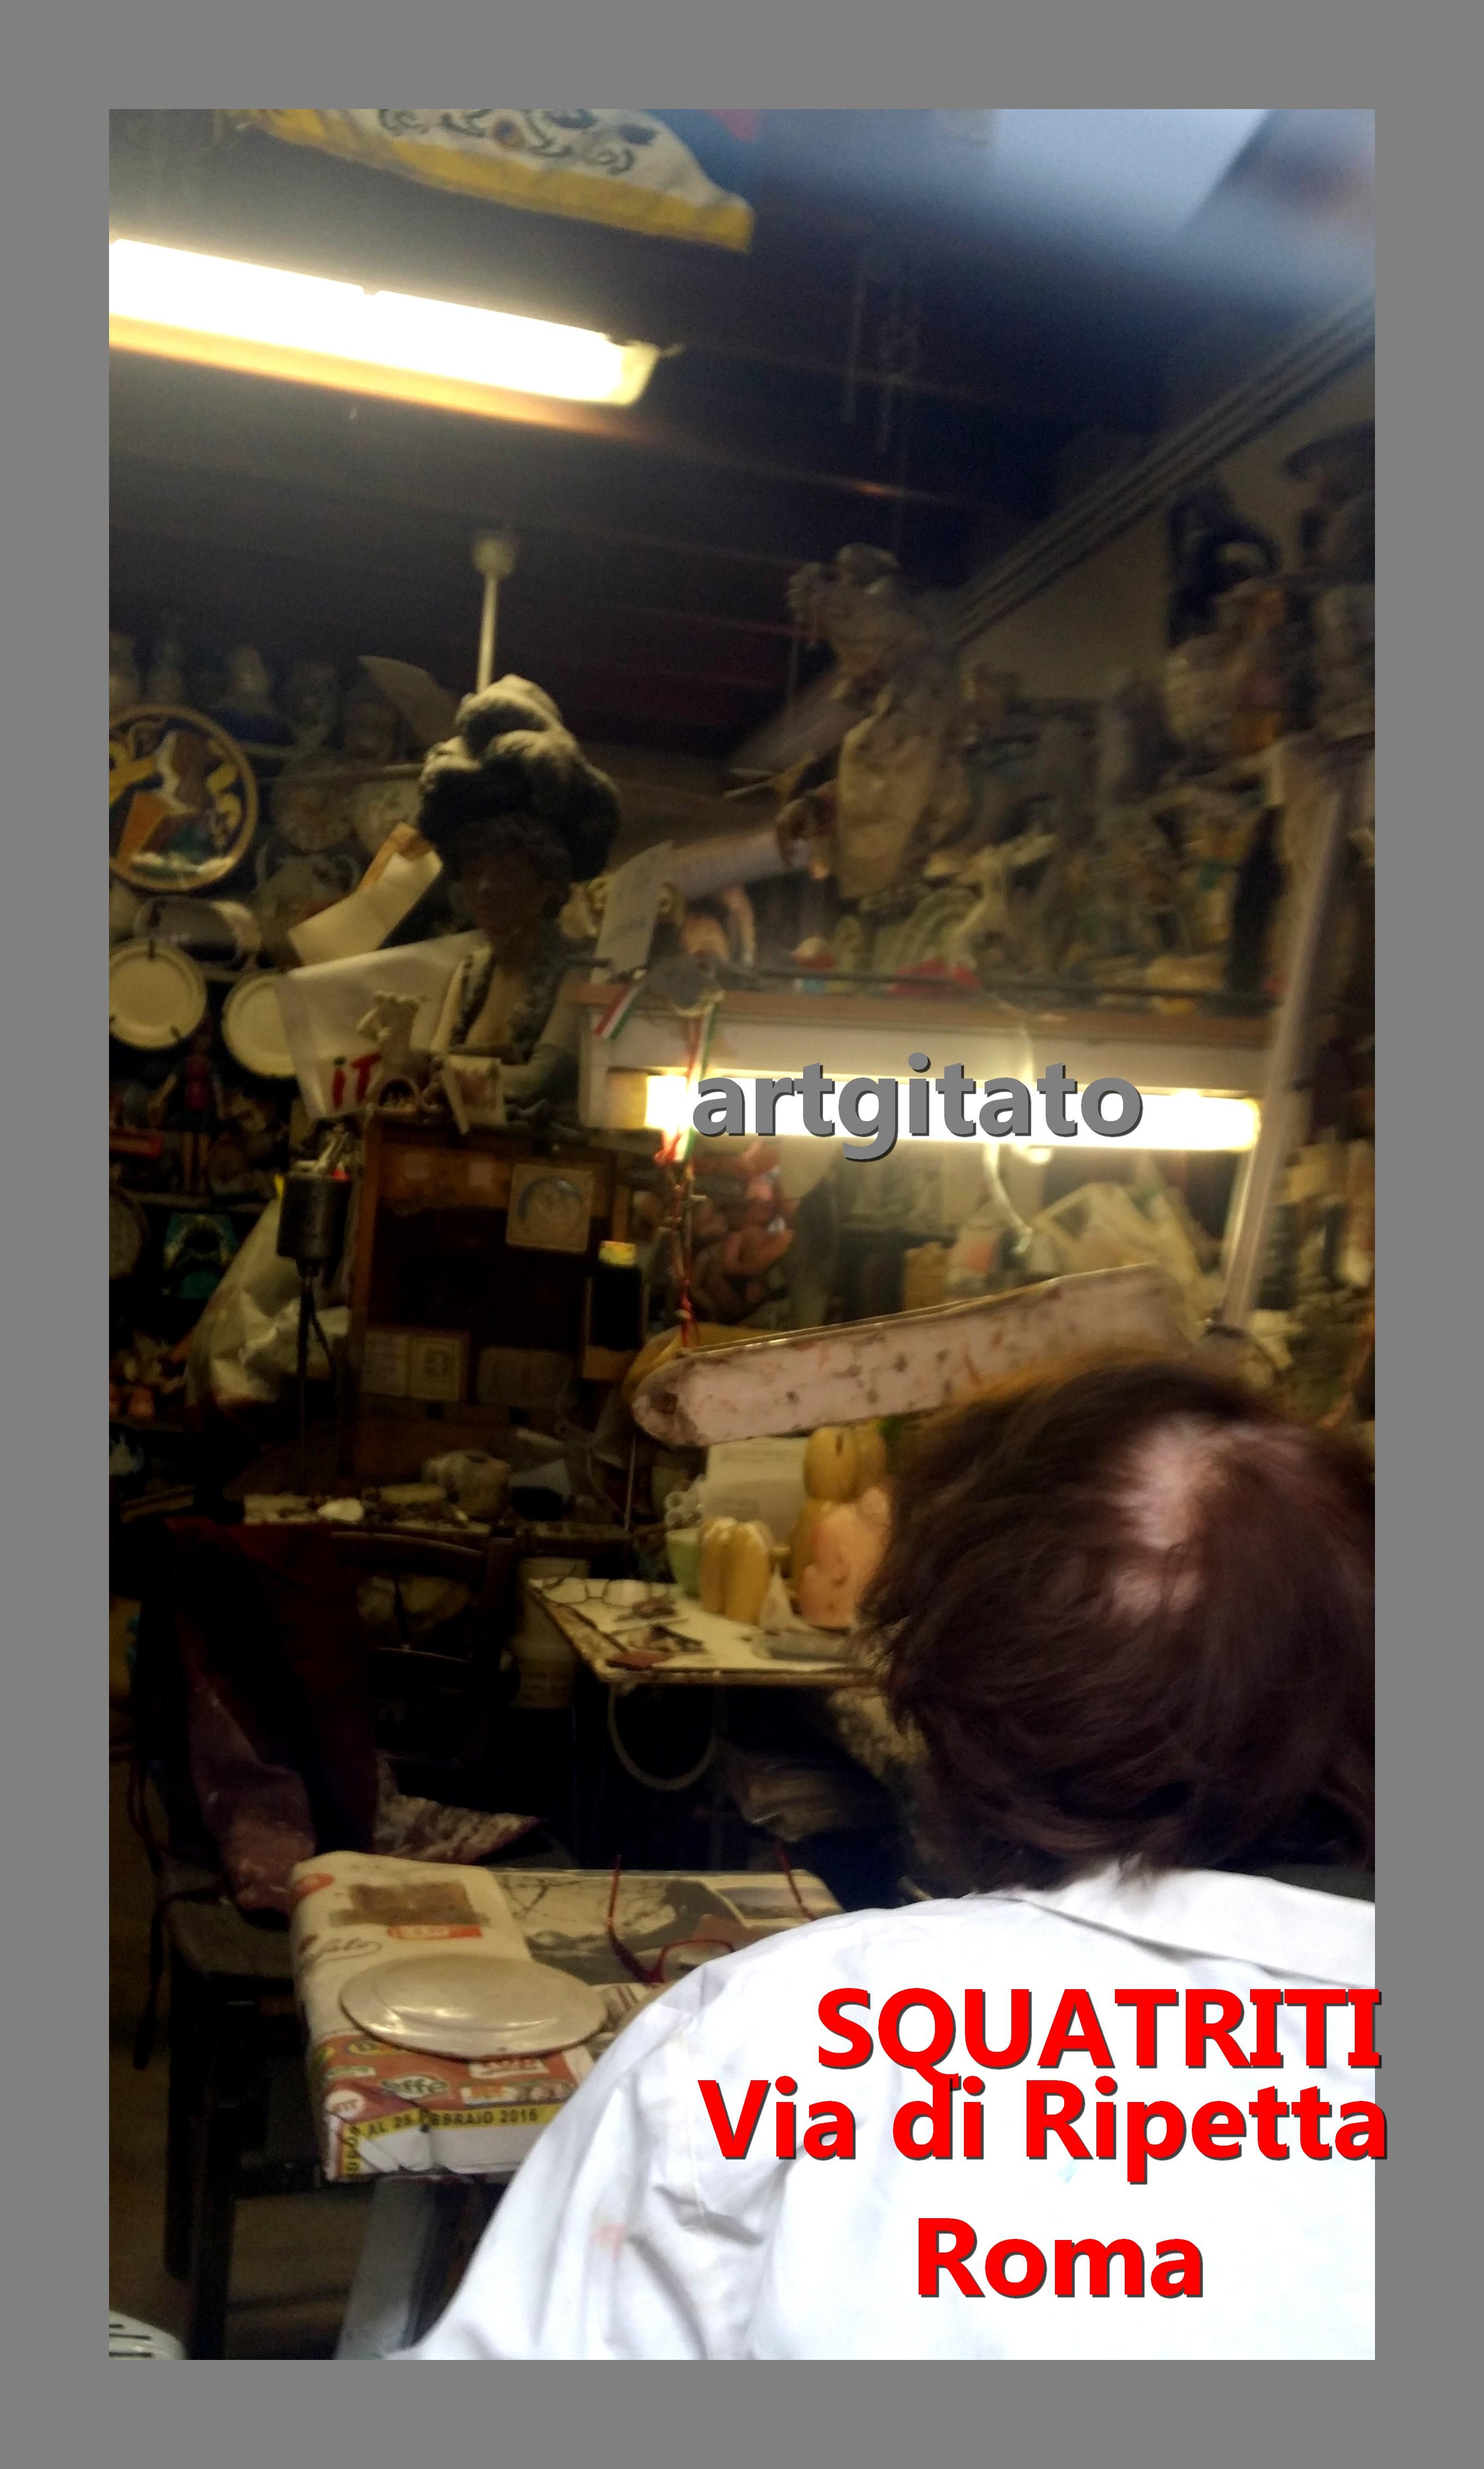 Via di Ripetta Squatriti Restaurateur de Poupée artgitato 2